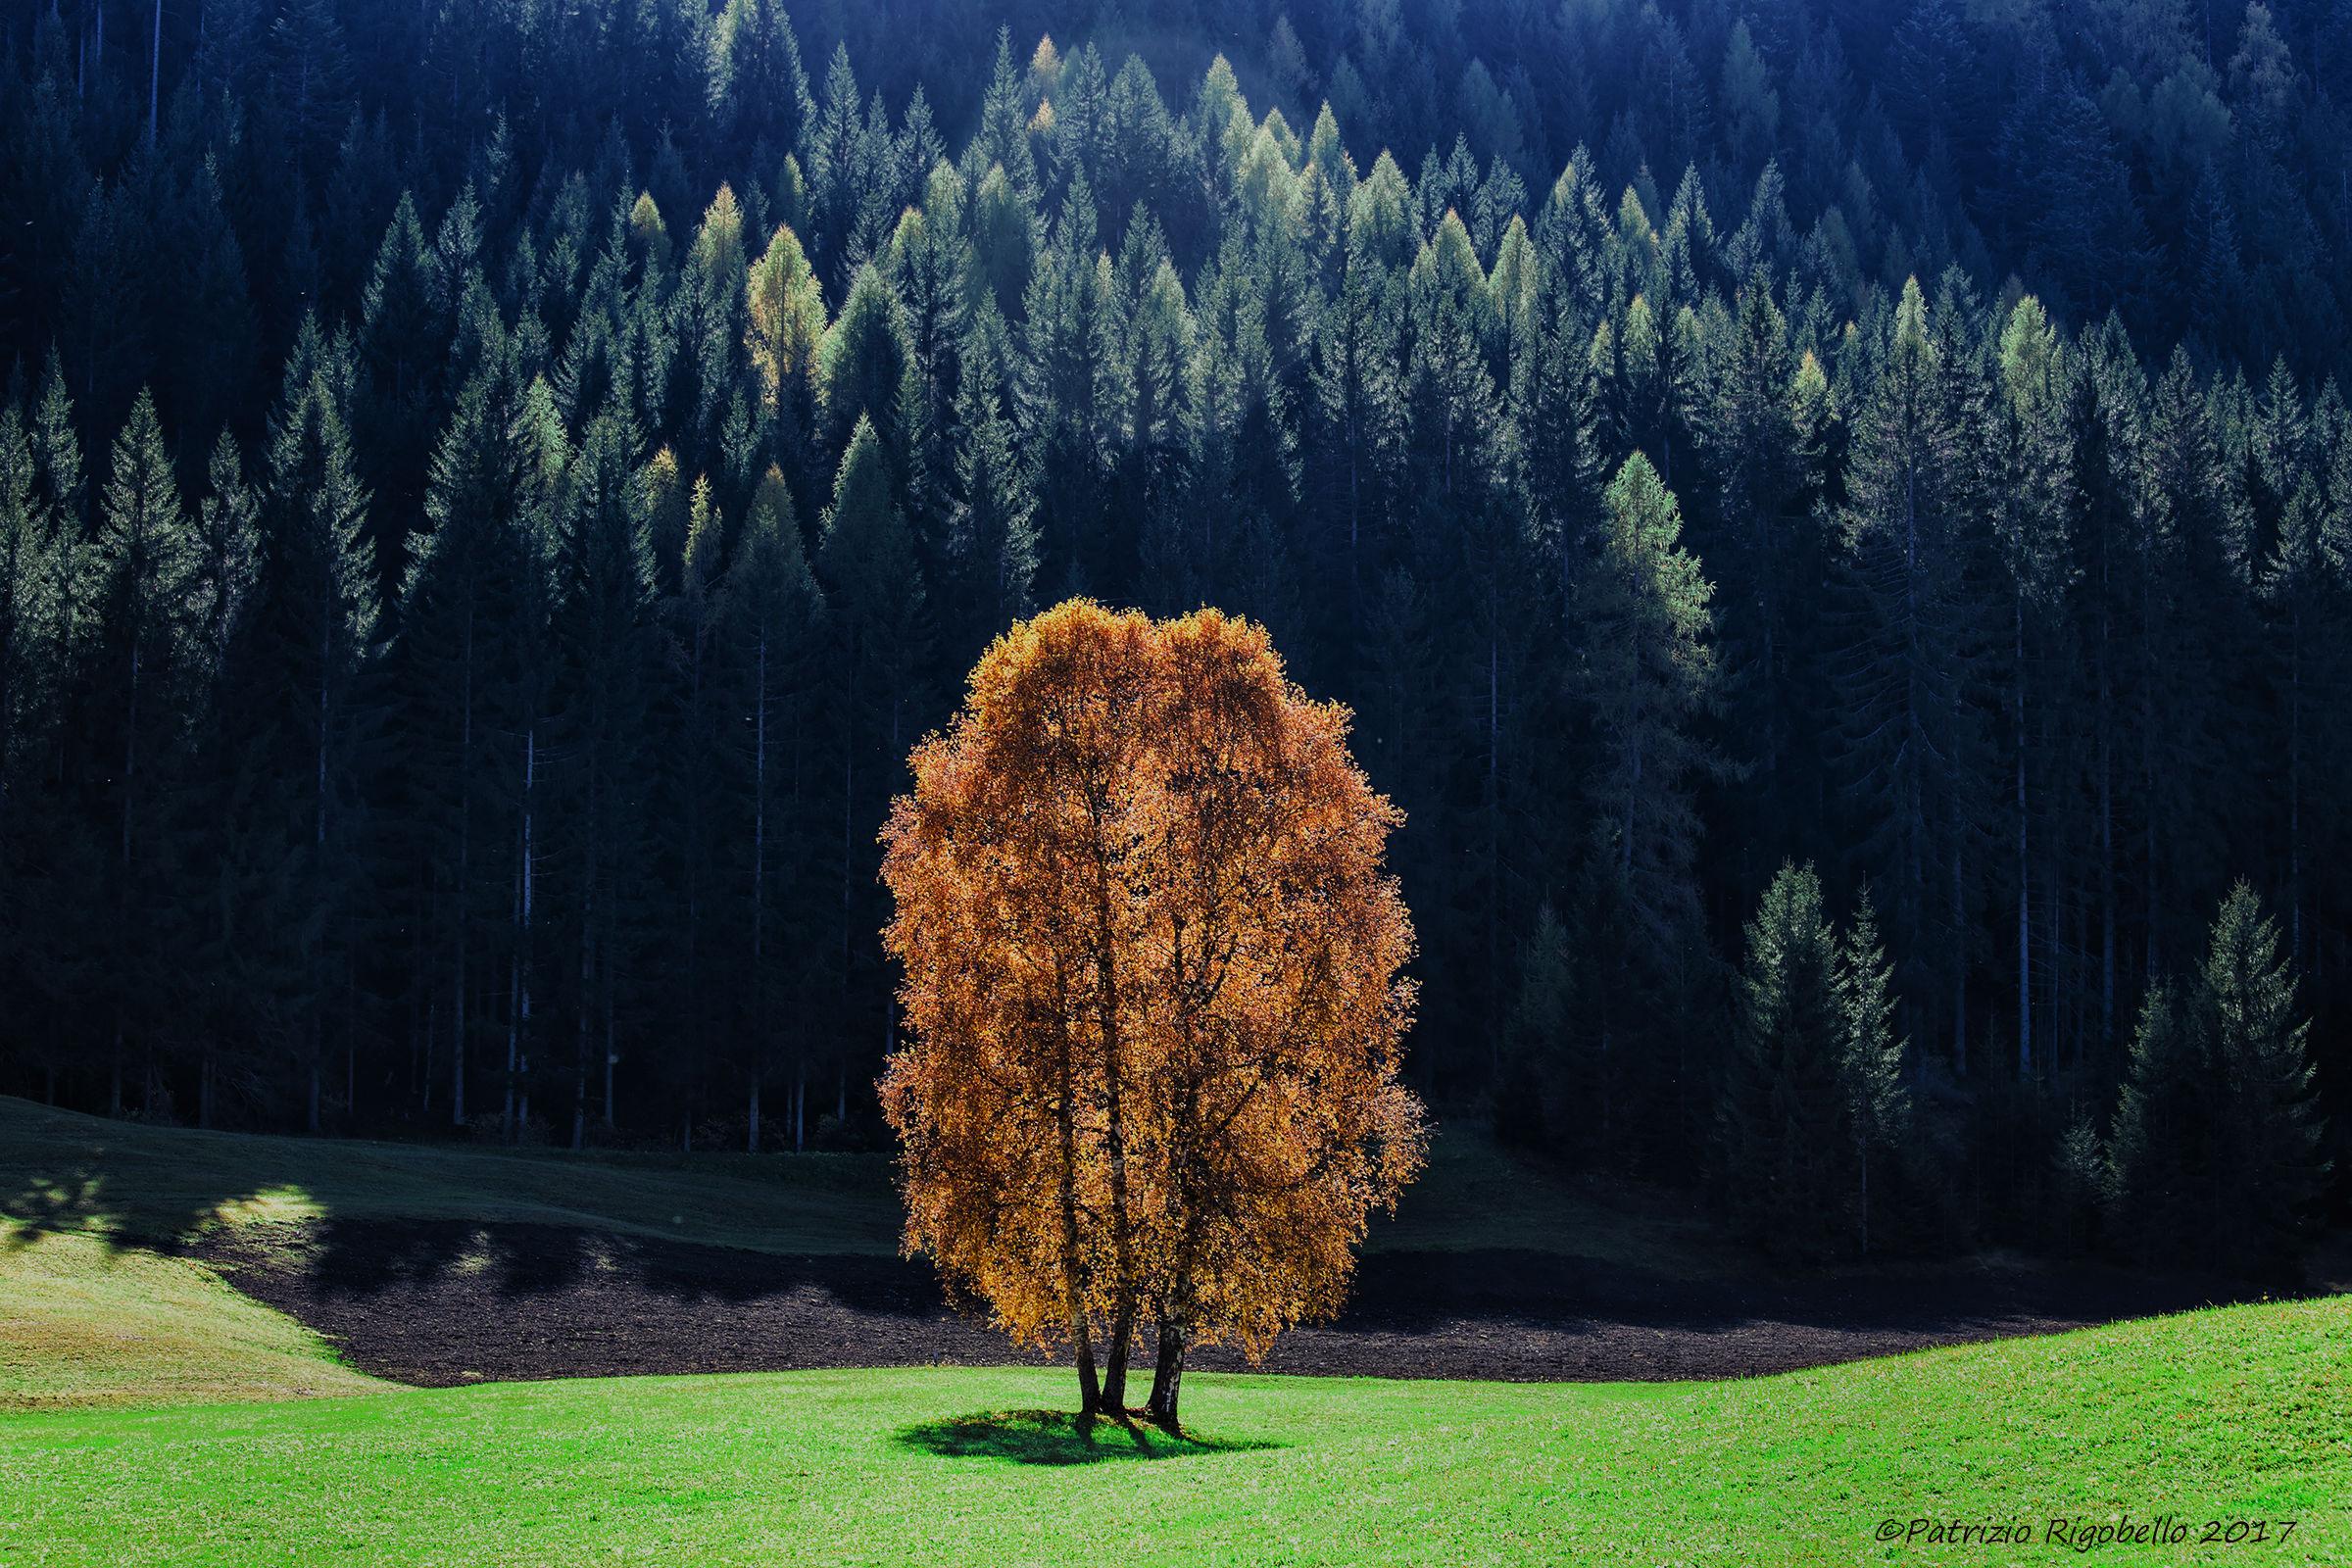 The happy tree...